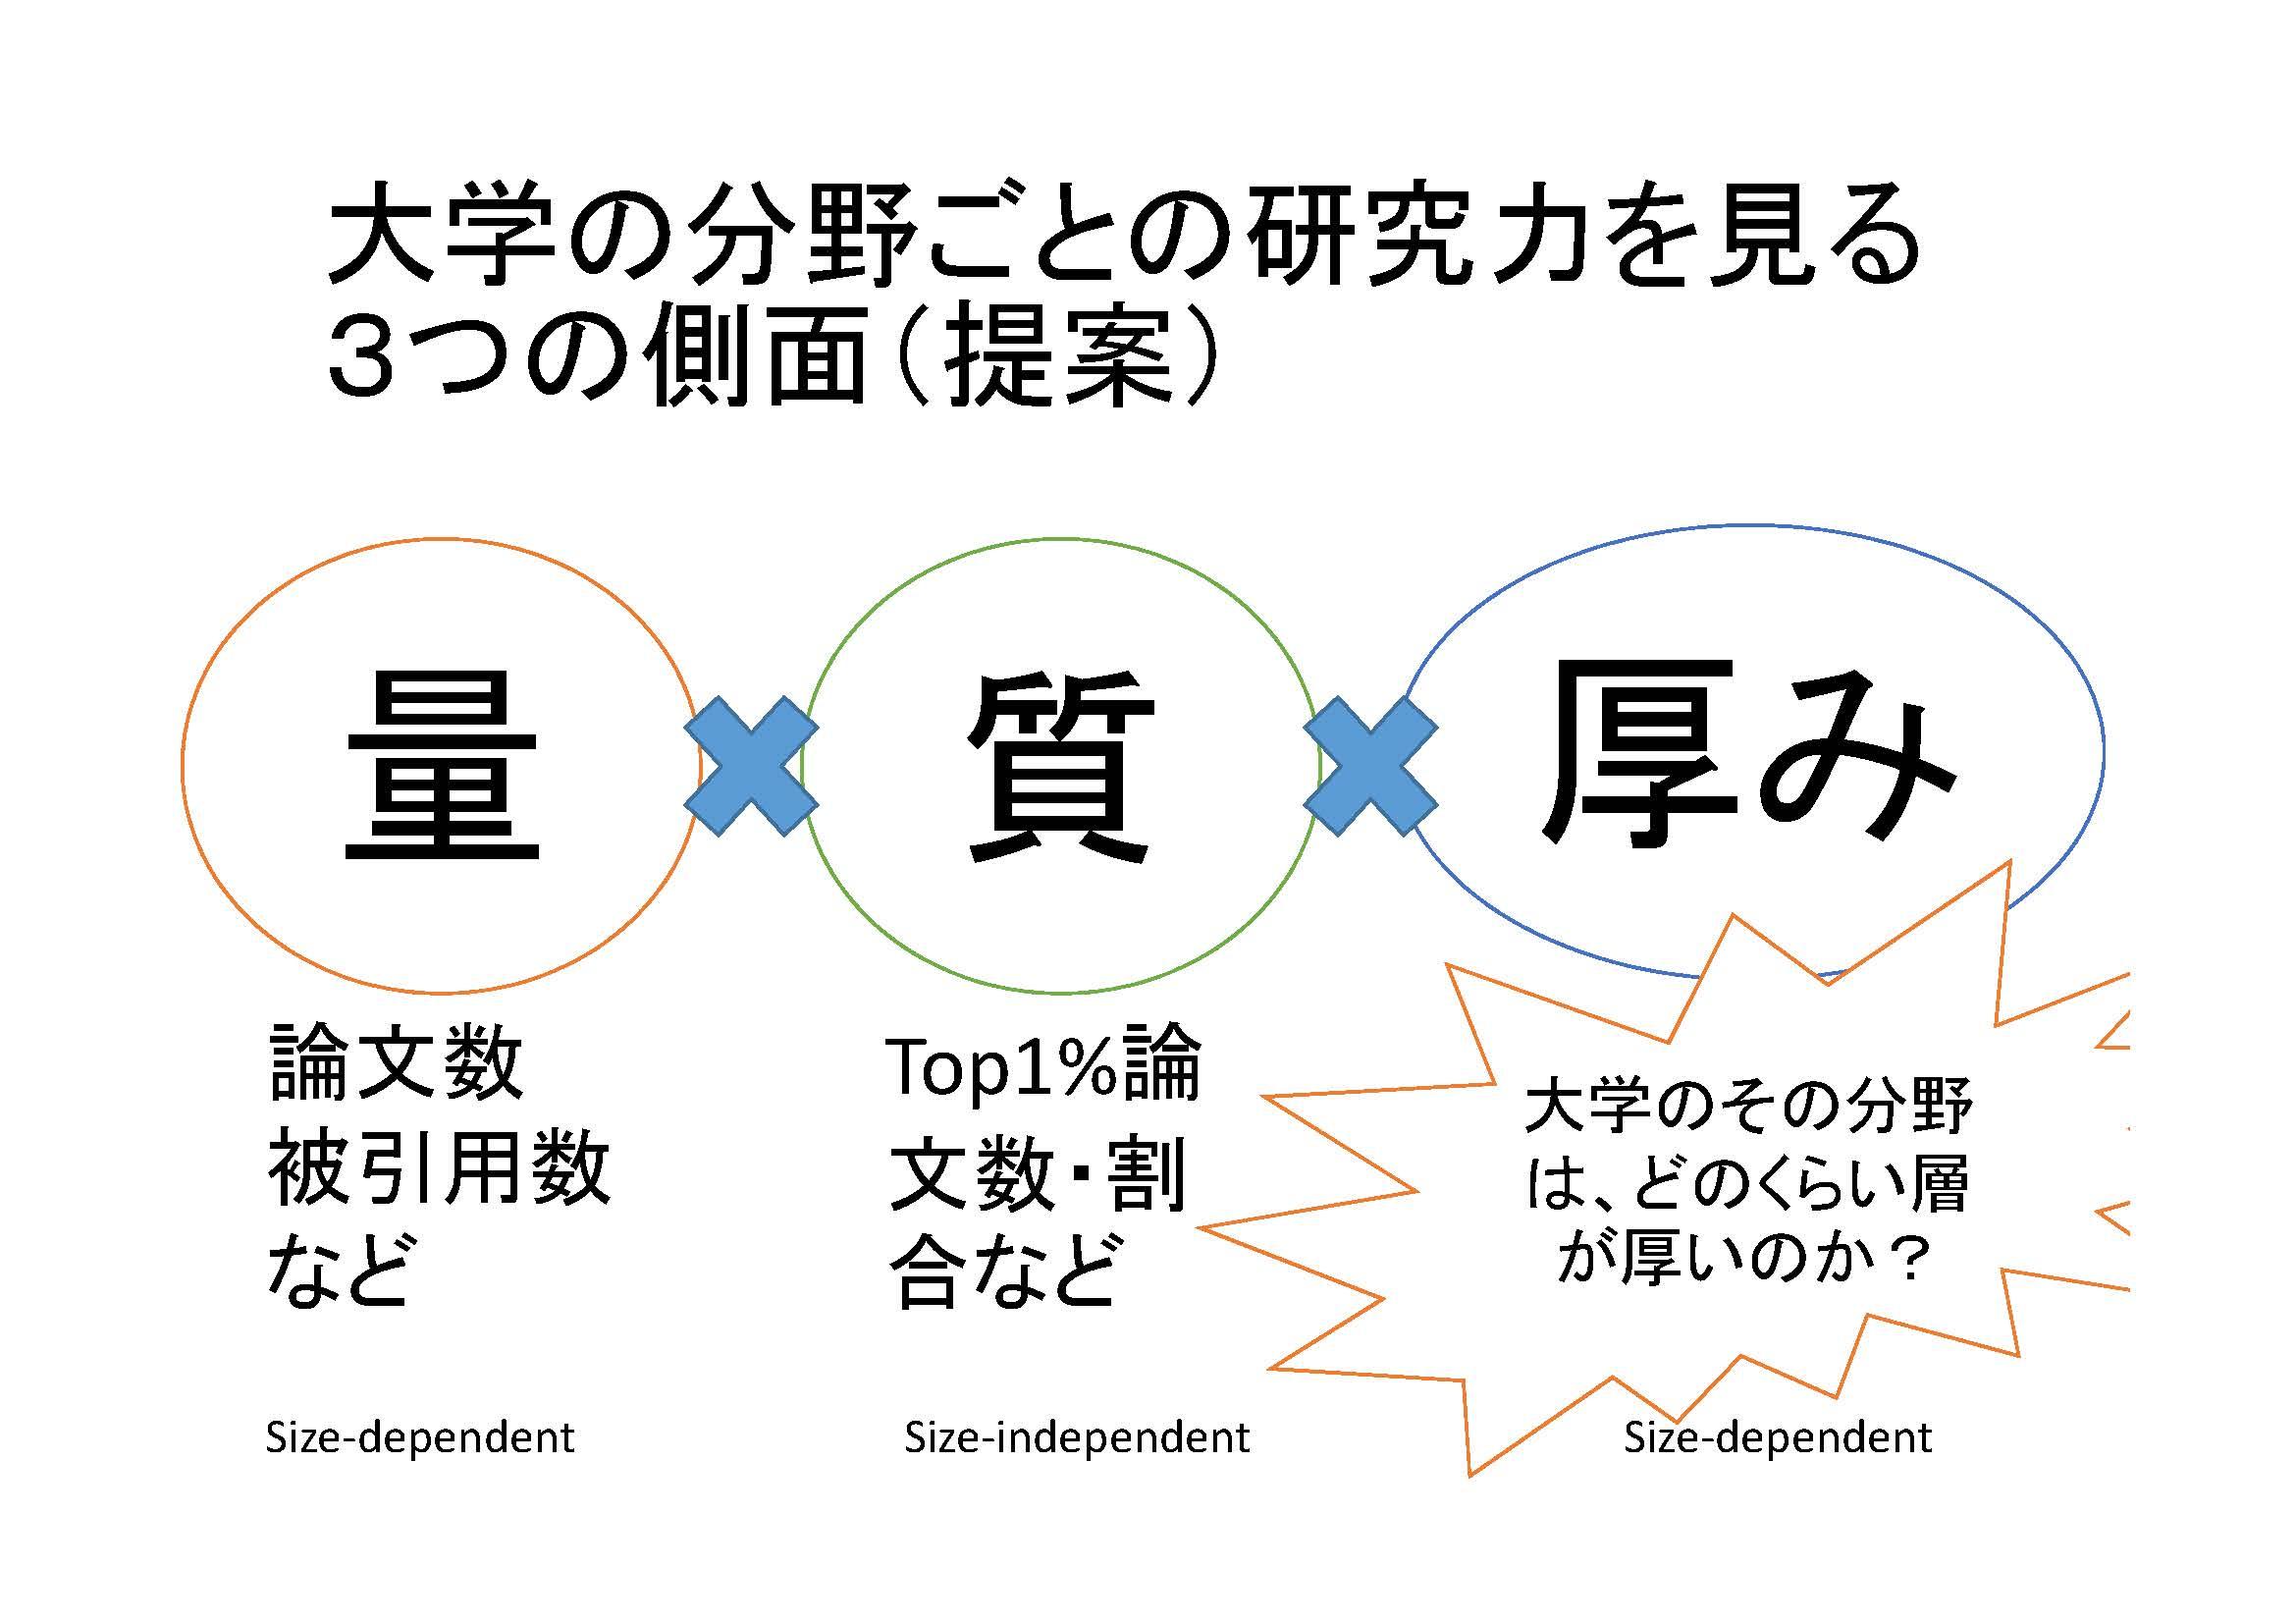 小泉氏講演資料7